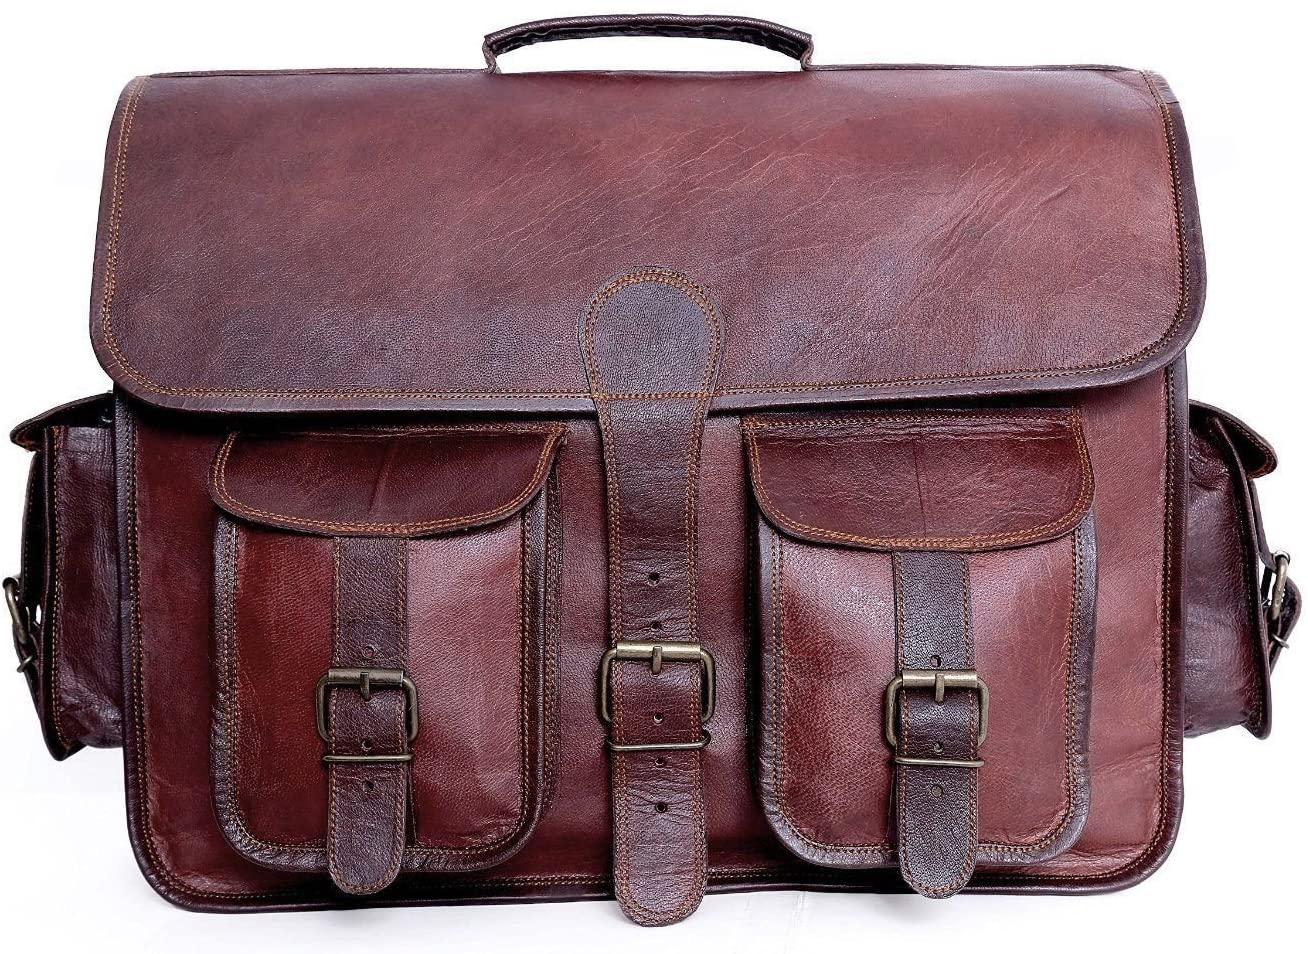 TCH Vintage Leather Messenger Bag Laptop Bag Briefcase Satchel Bag